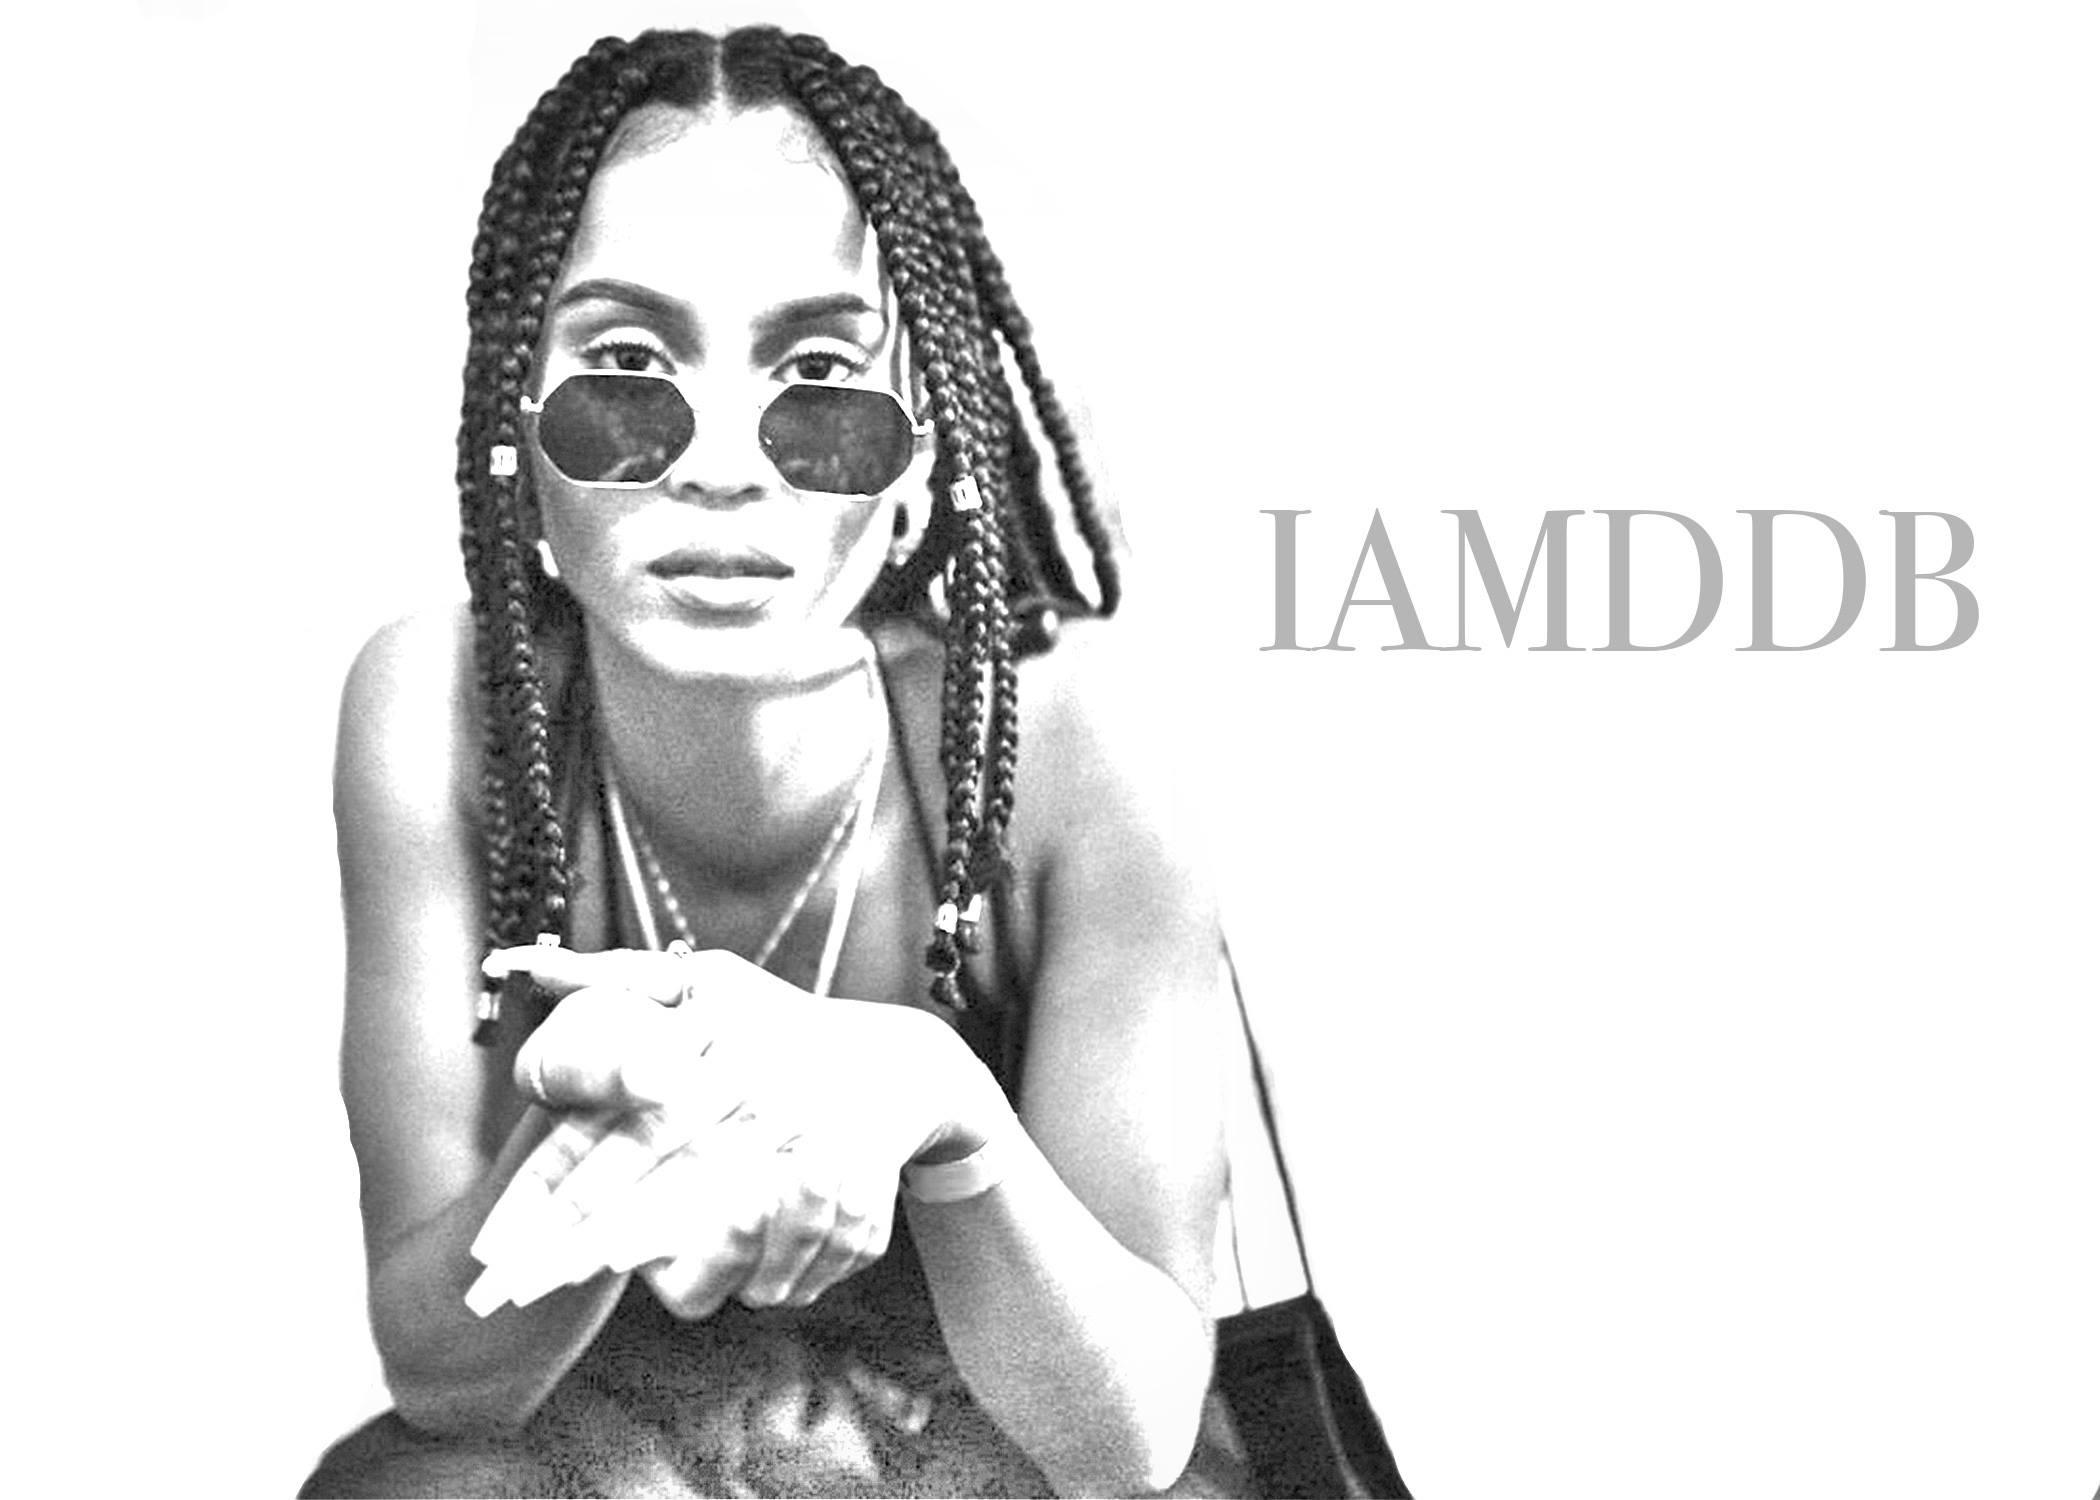 IAMDDB.jpg